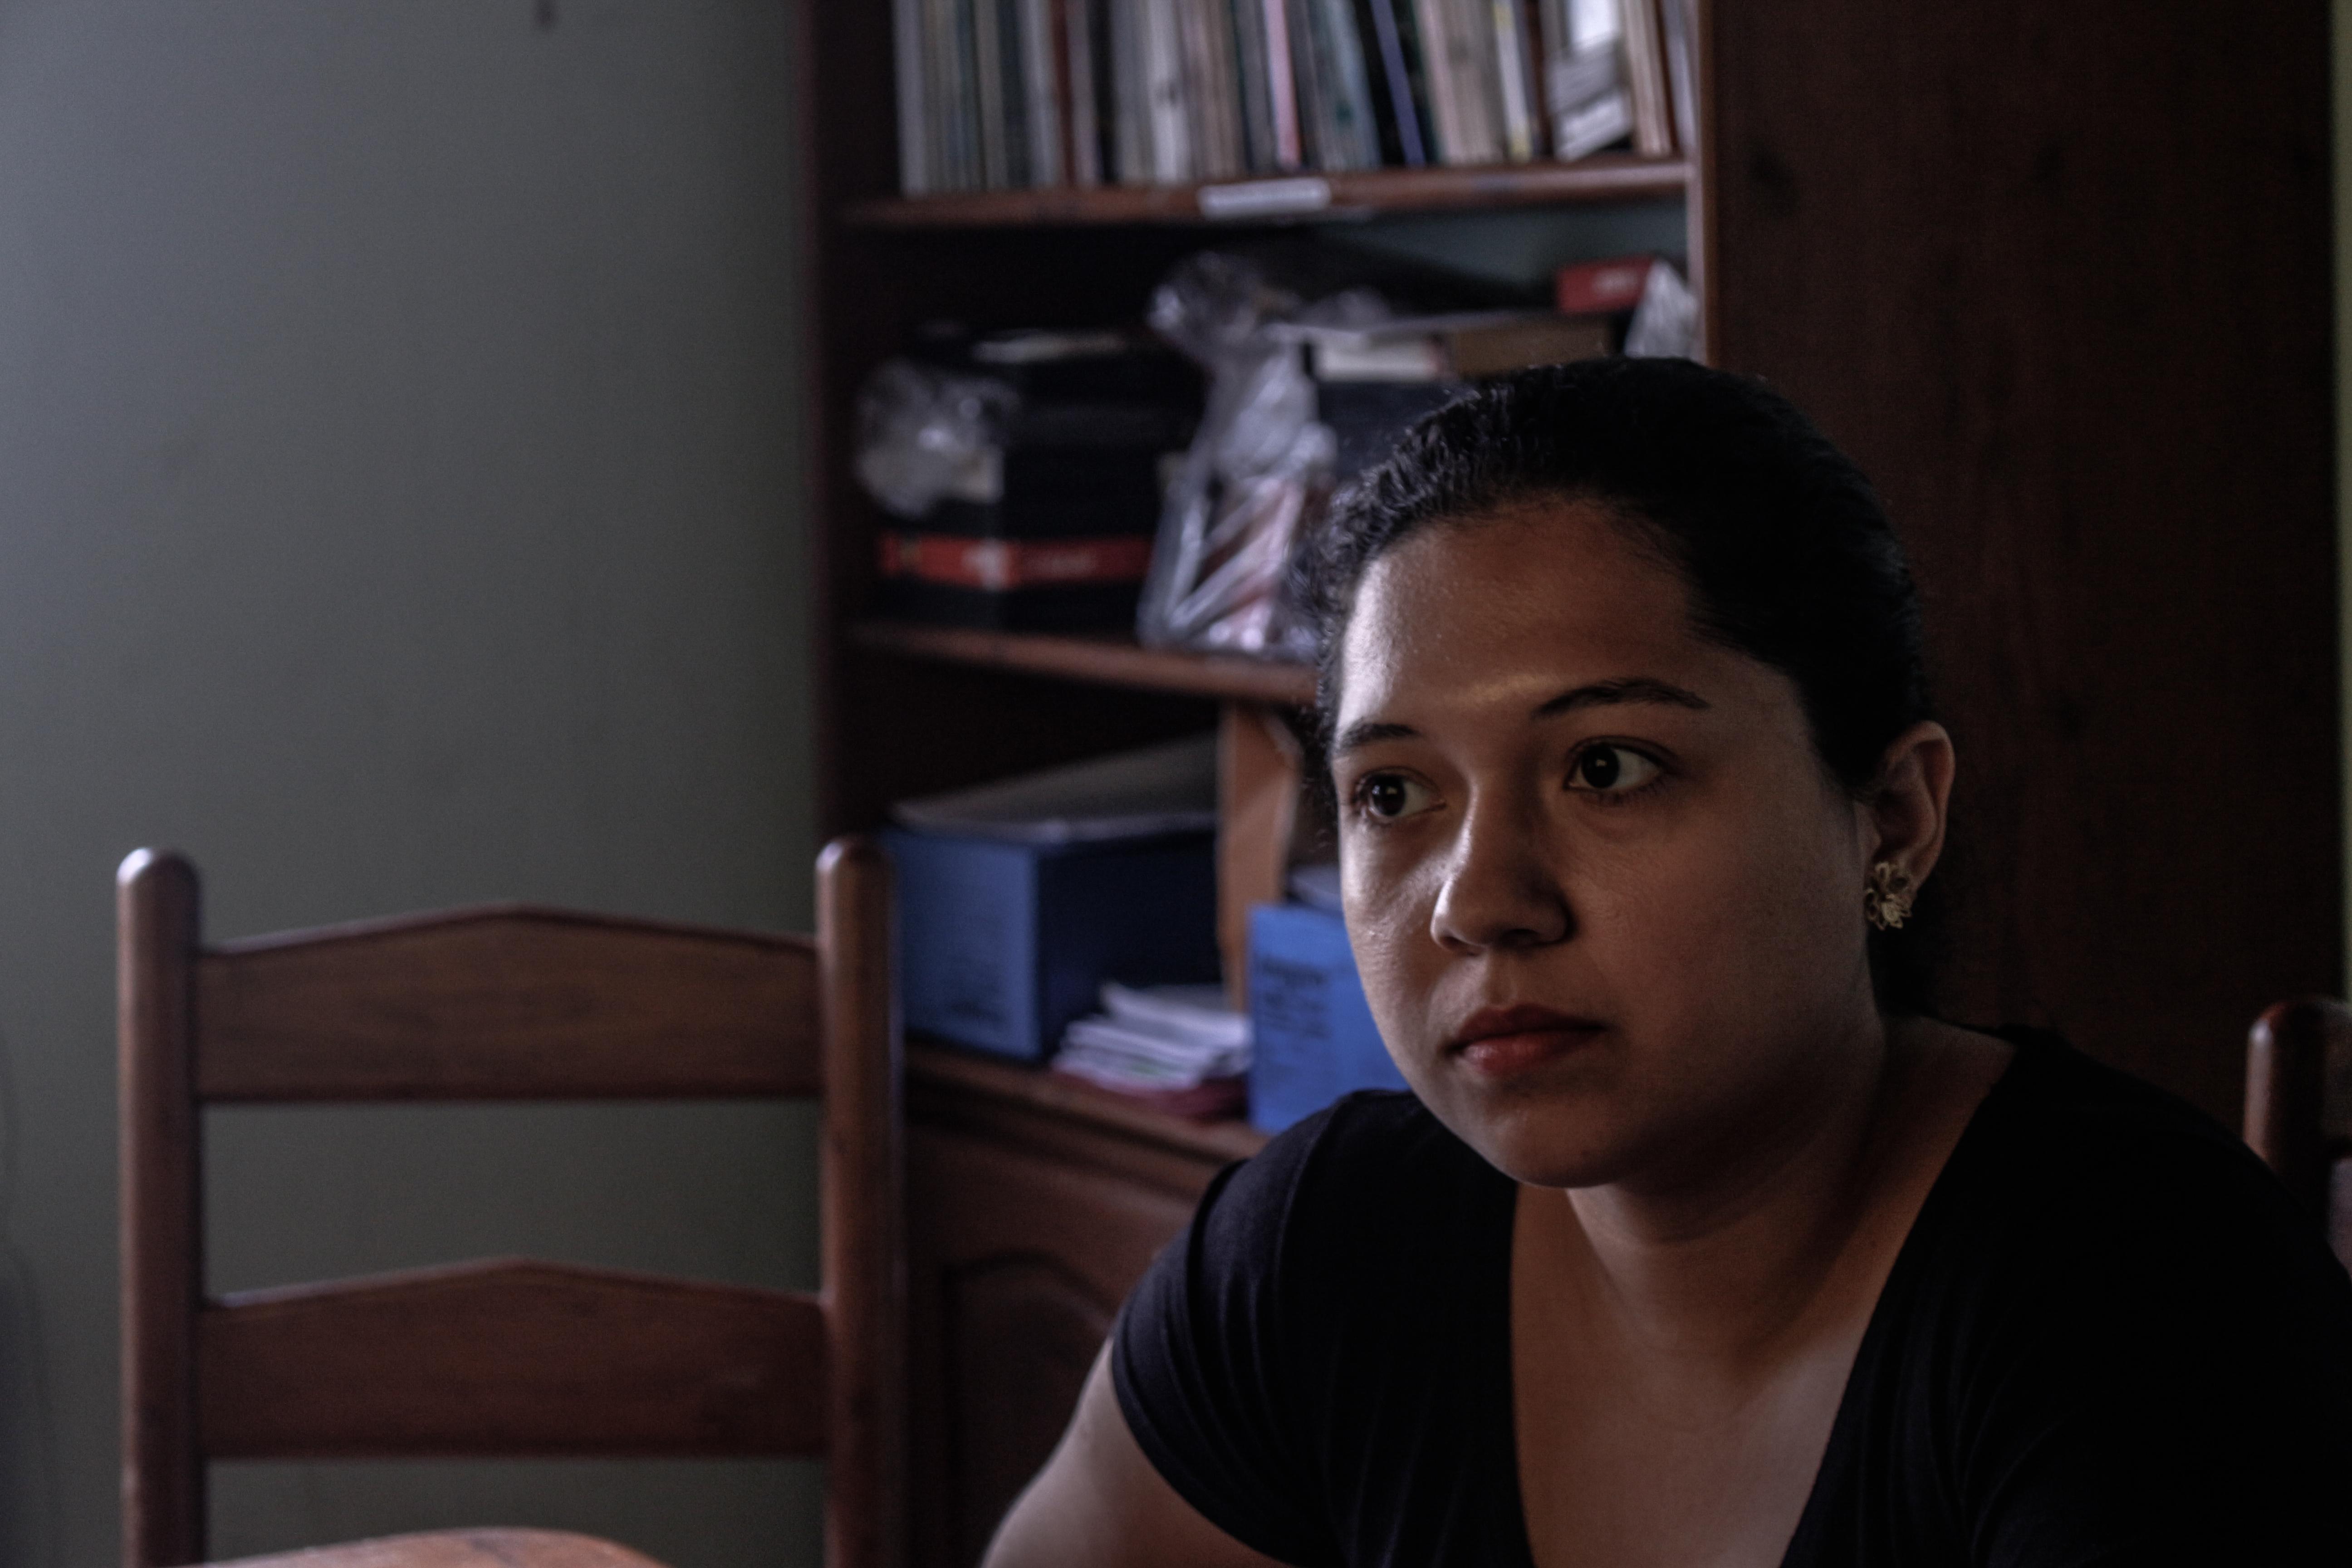 A advogada da CPT, Larissa Tavares, acredita que a impunidade do caso está relacionada a interesses políticos e econômicos.